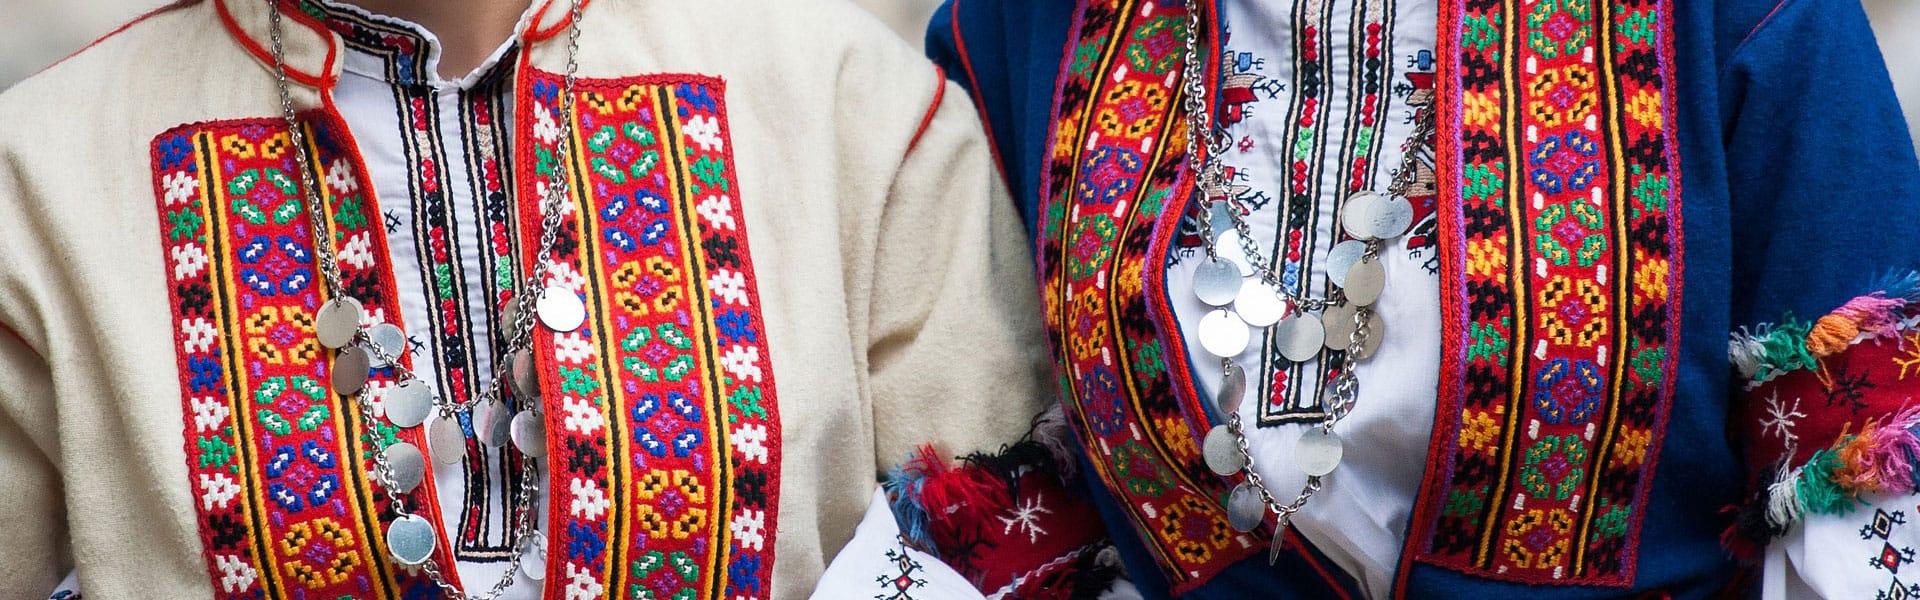 български фолклорни носии